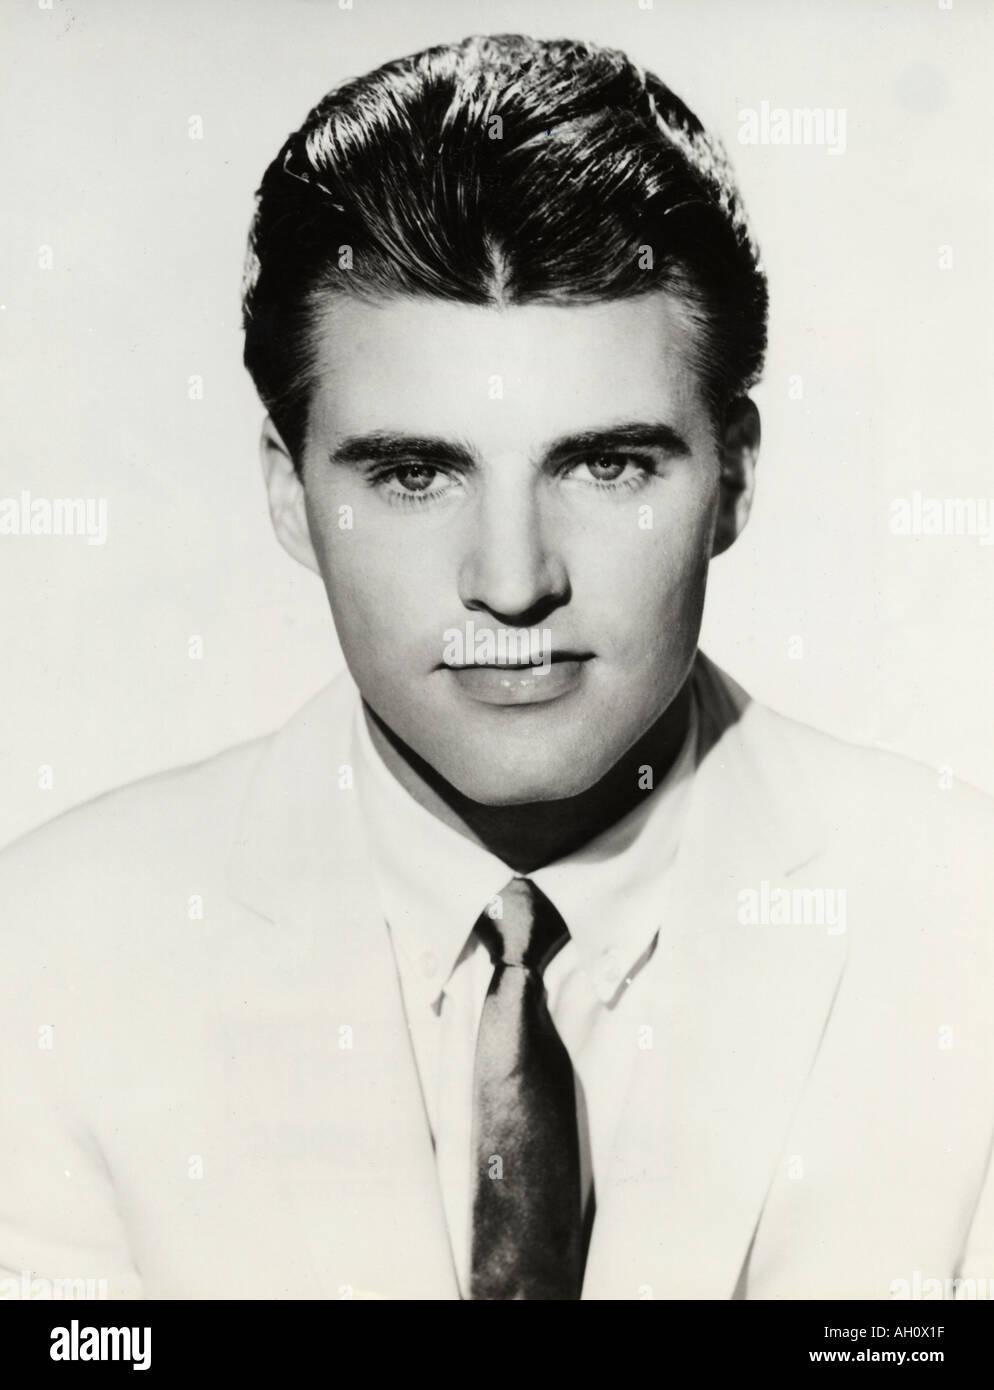 RICKY NELSON US singer popular in 1950s - Stock Image